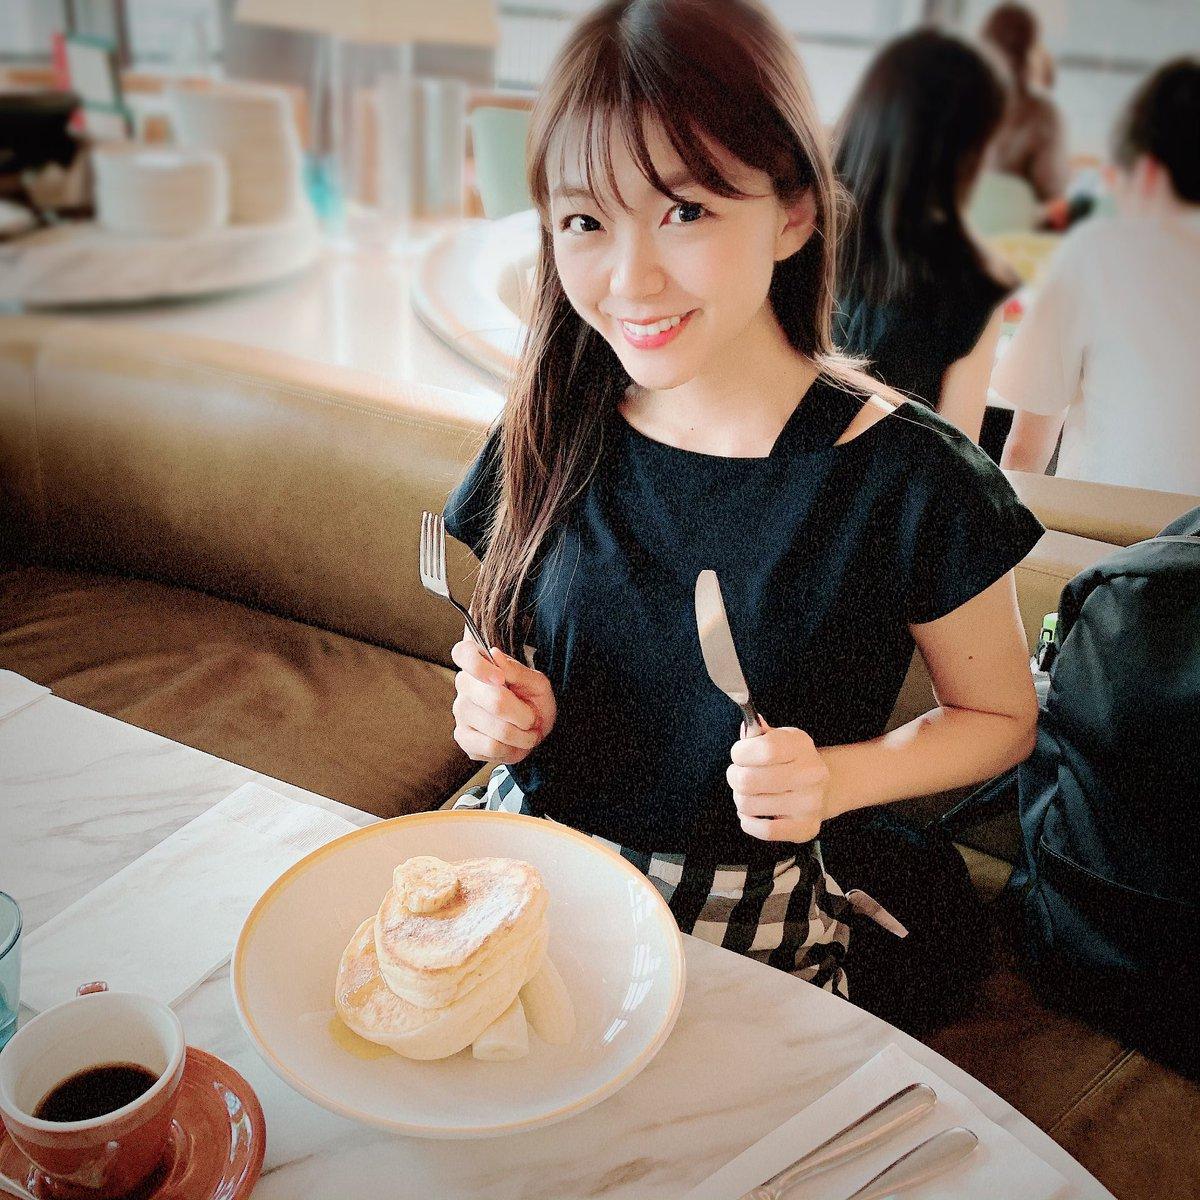 @mimori_suzuko's photo on #みもパラ